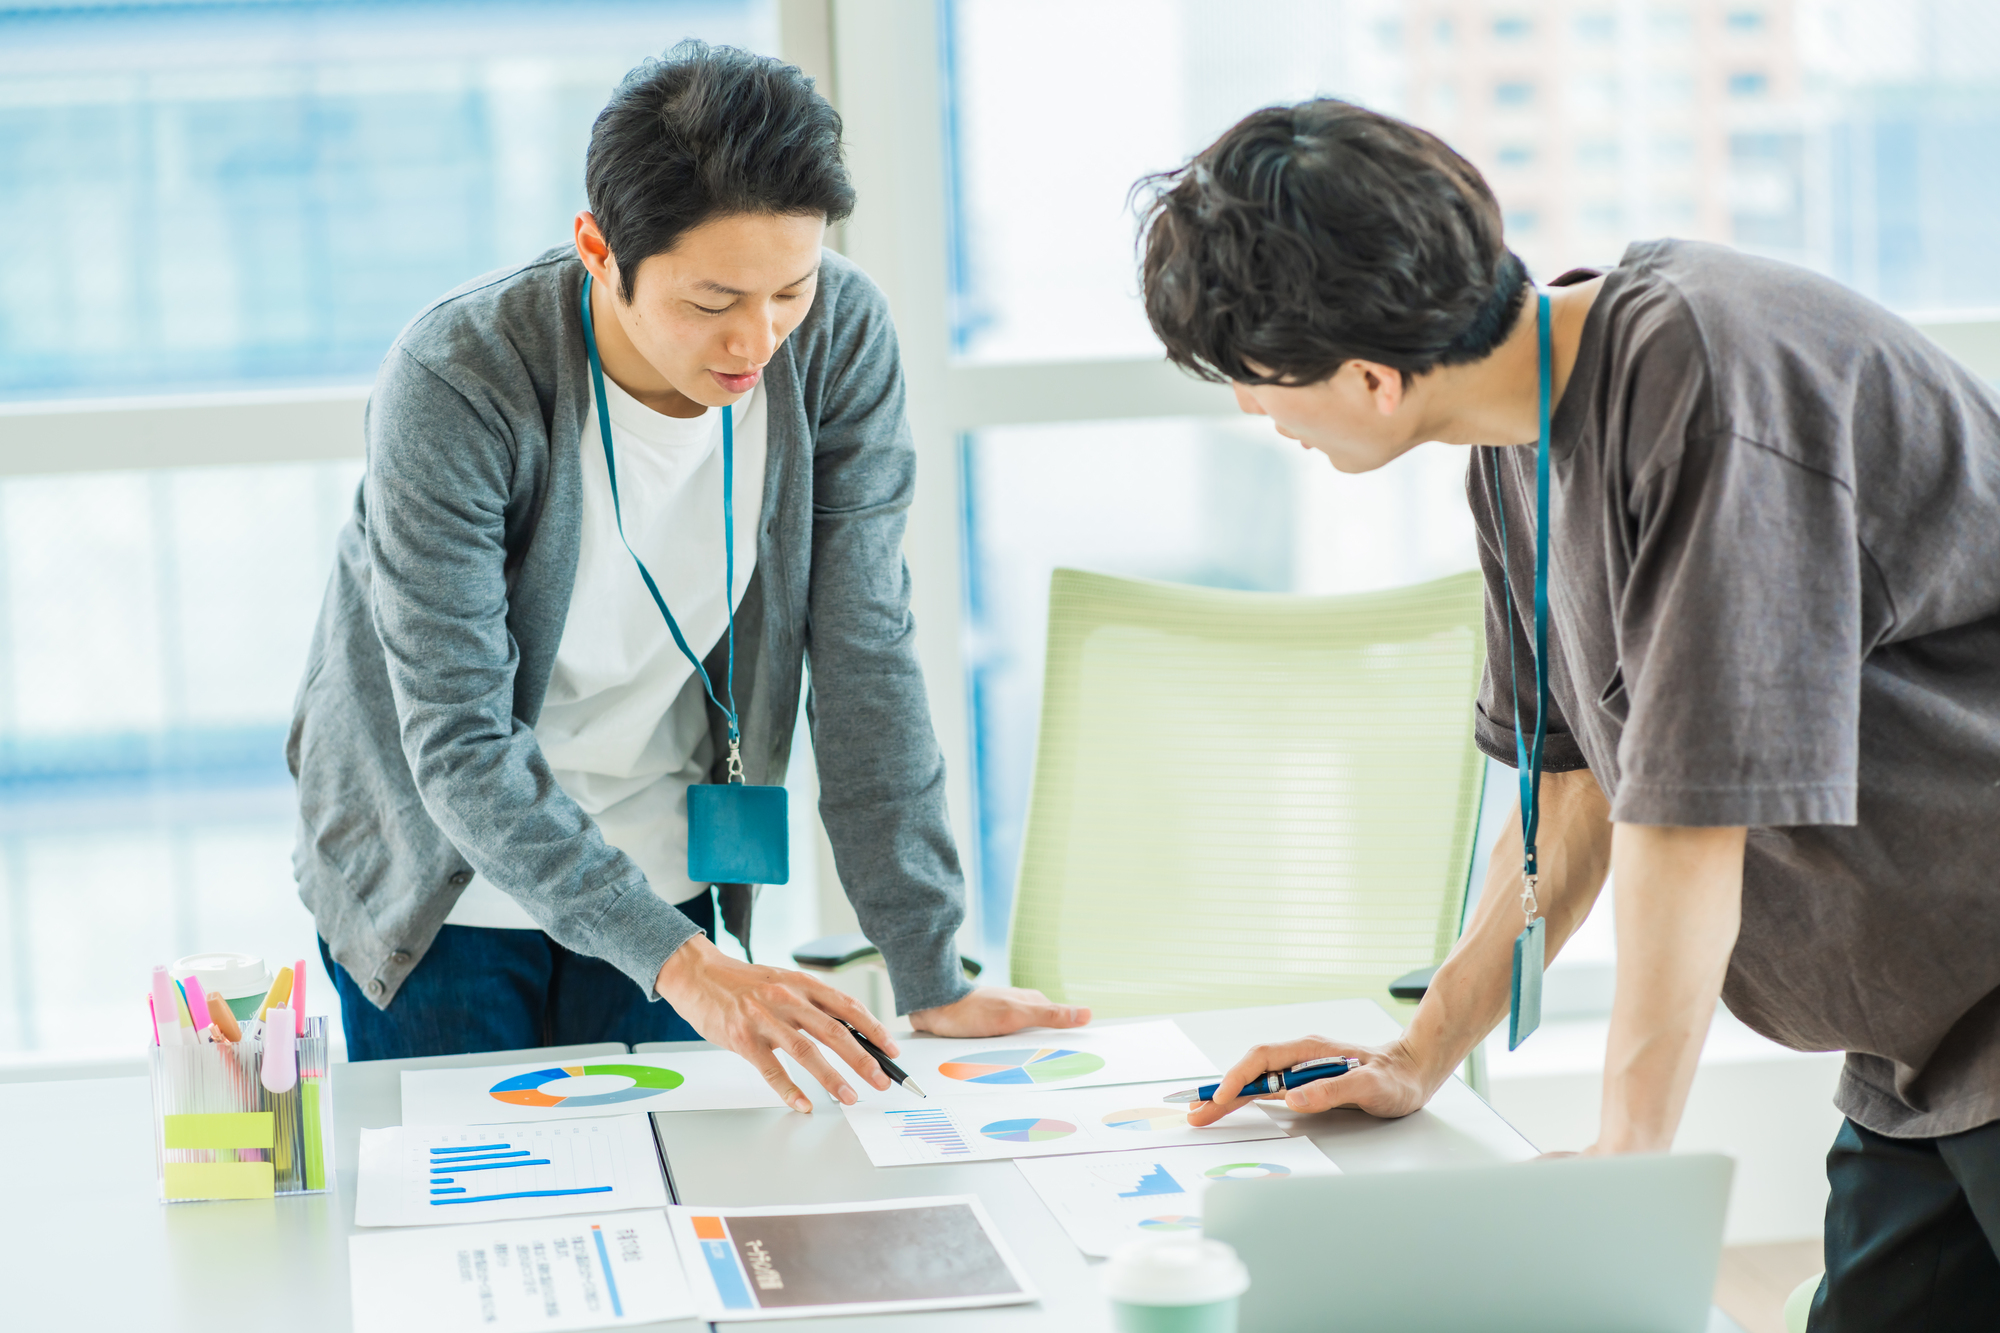 プロジェクトマネージャーの役割や仕事内容&将来性を高めるおすすめ資格4選